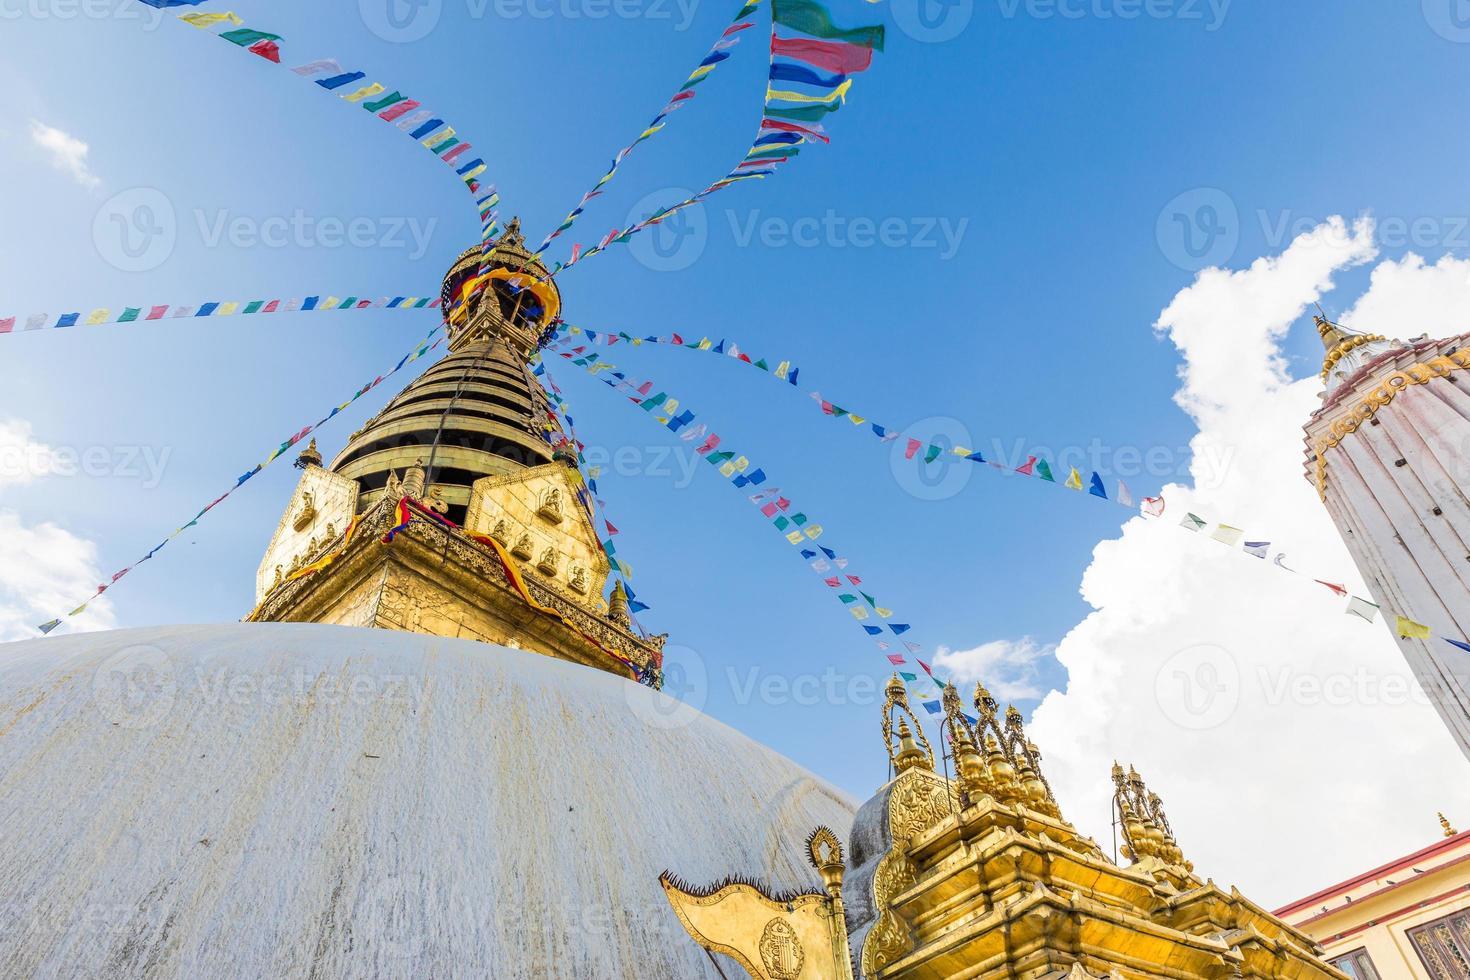 Swayambhunath Tempel, Affentempel Kathmandu, Nepal. foto